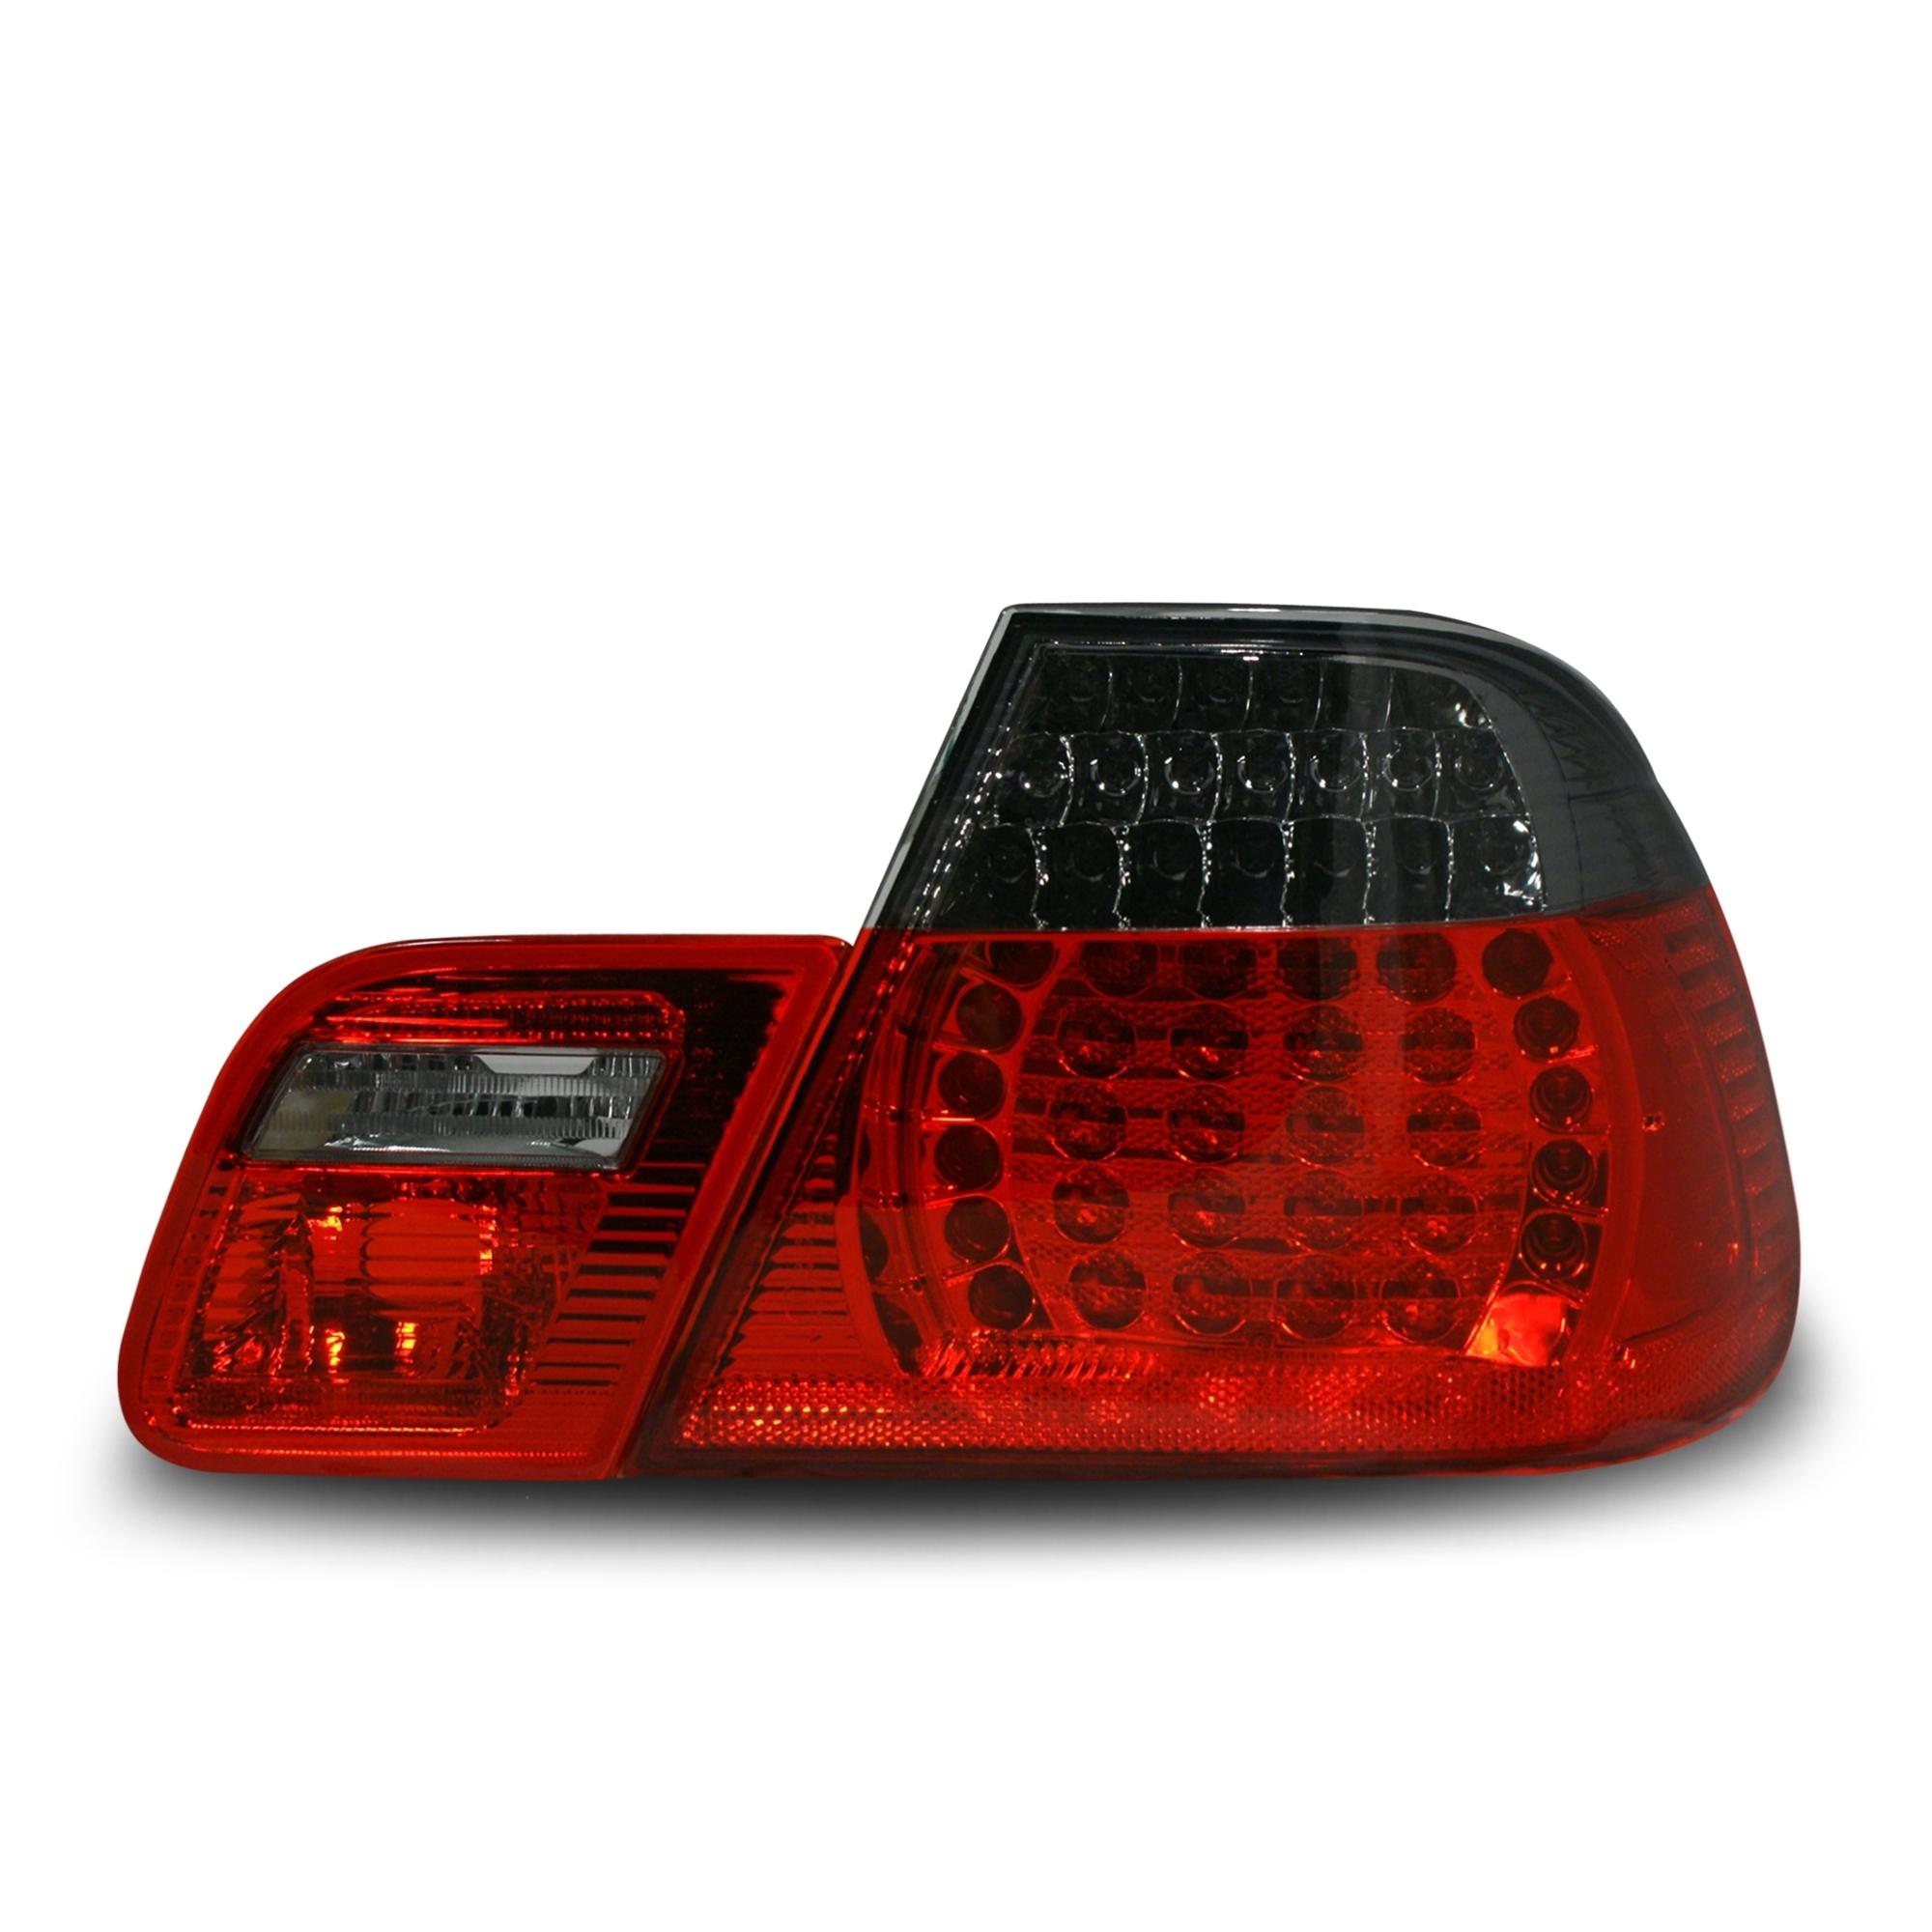 led r ckleuchten schwarz rot passend f r bmw e46 coupe bj. Black Bedroom Furniture Sets. Home Design Ideas